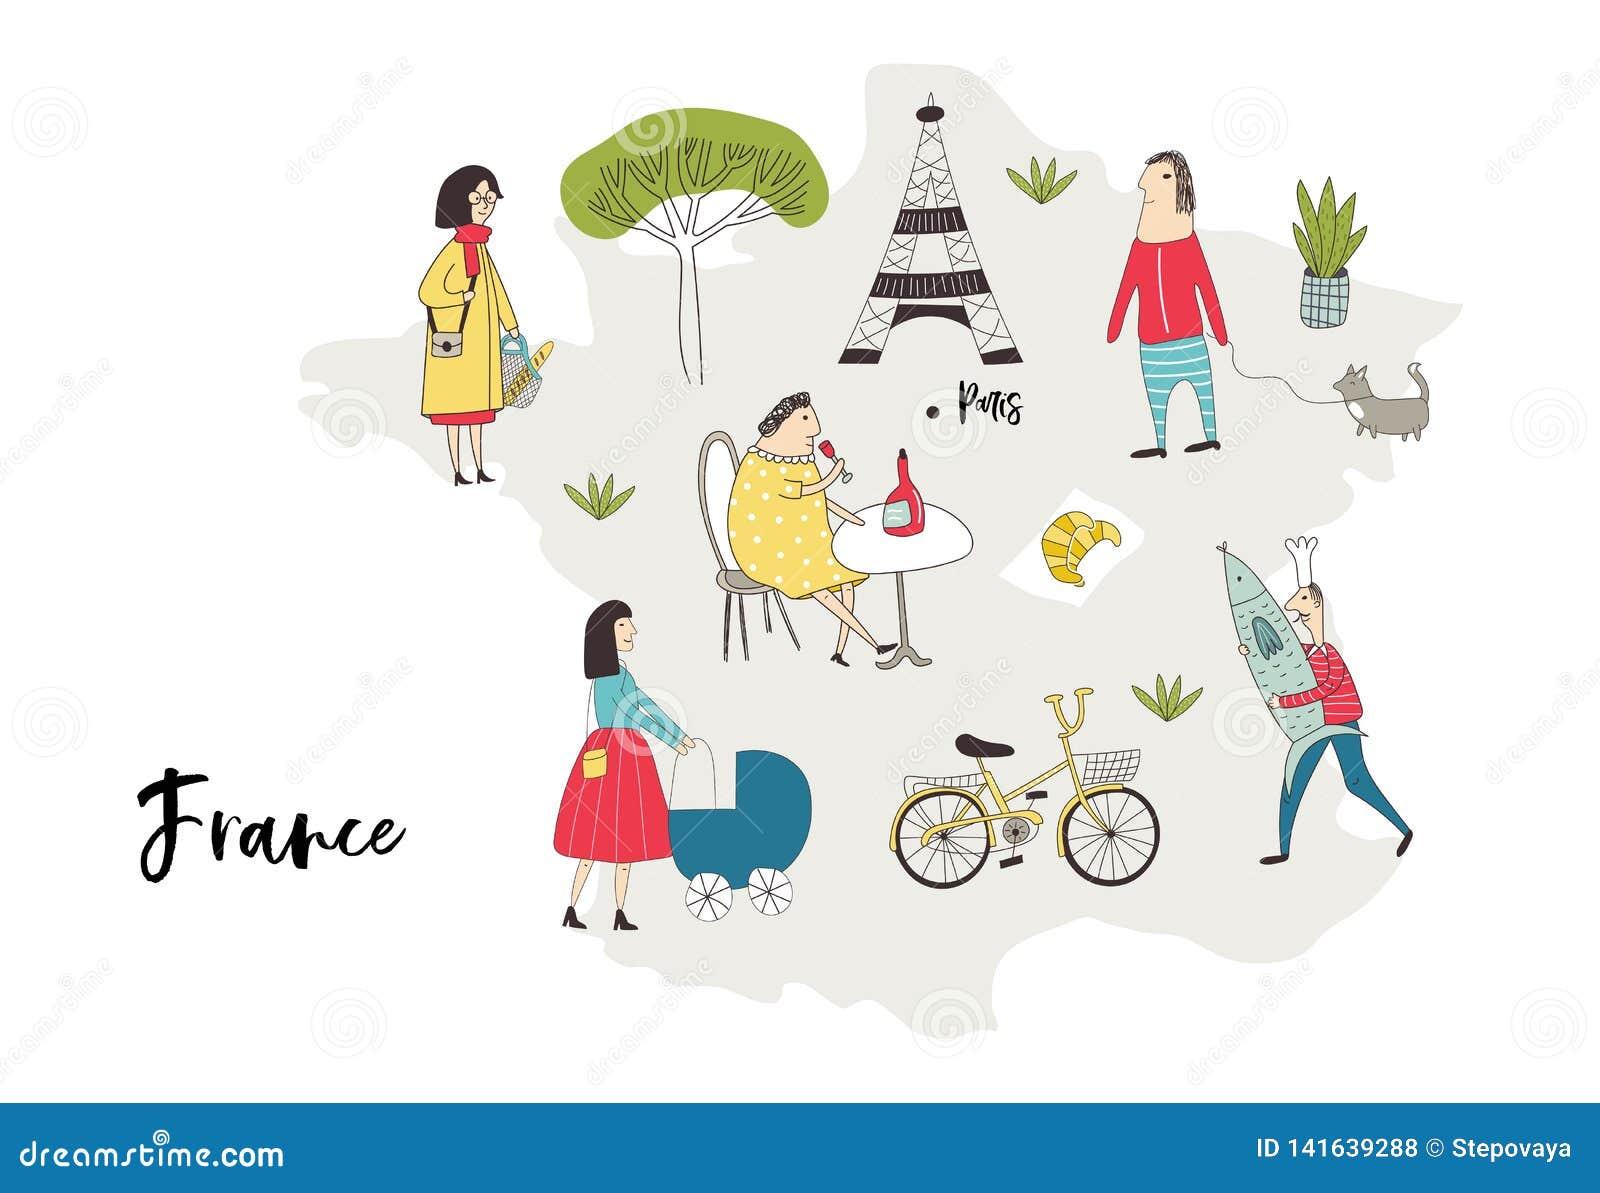 Obrazkowa mapa Francja z charakterami, roślinami i elementami ślicznych i zabawy ręki rysującymi, kolor plażowej dziewczyny ilust